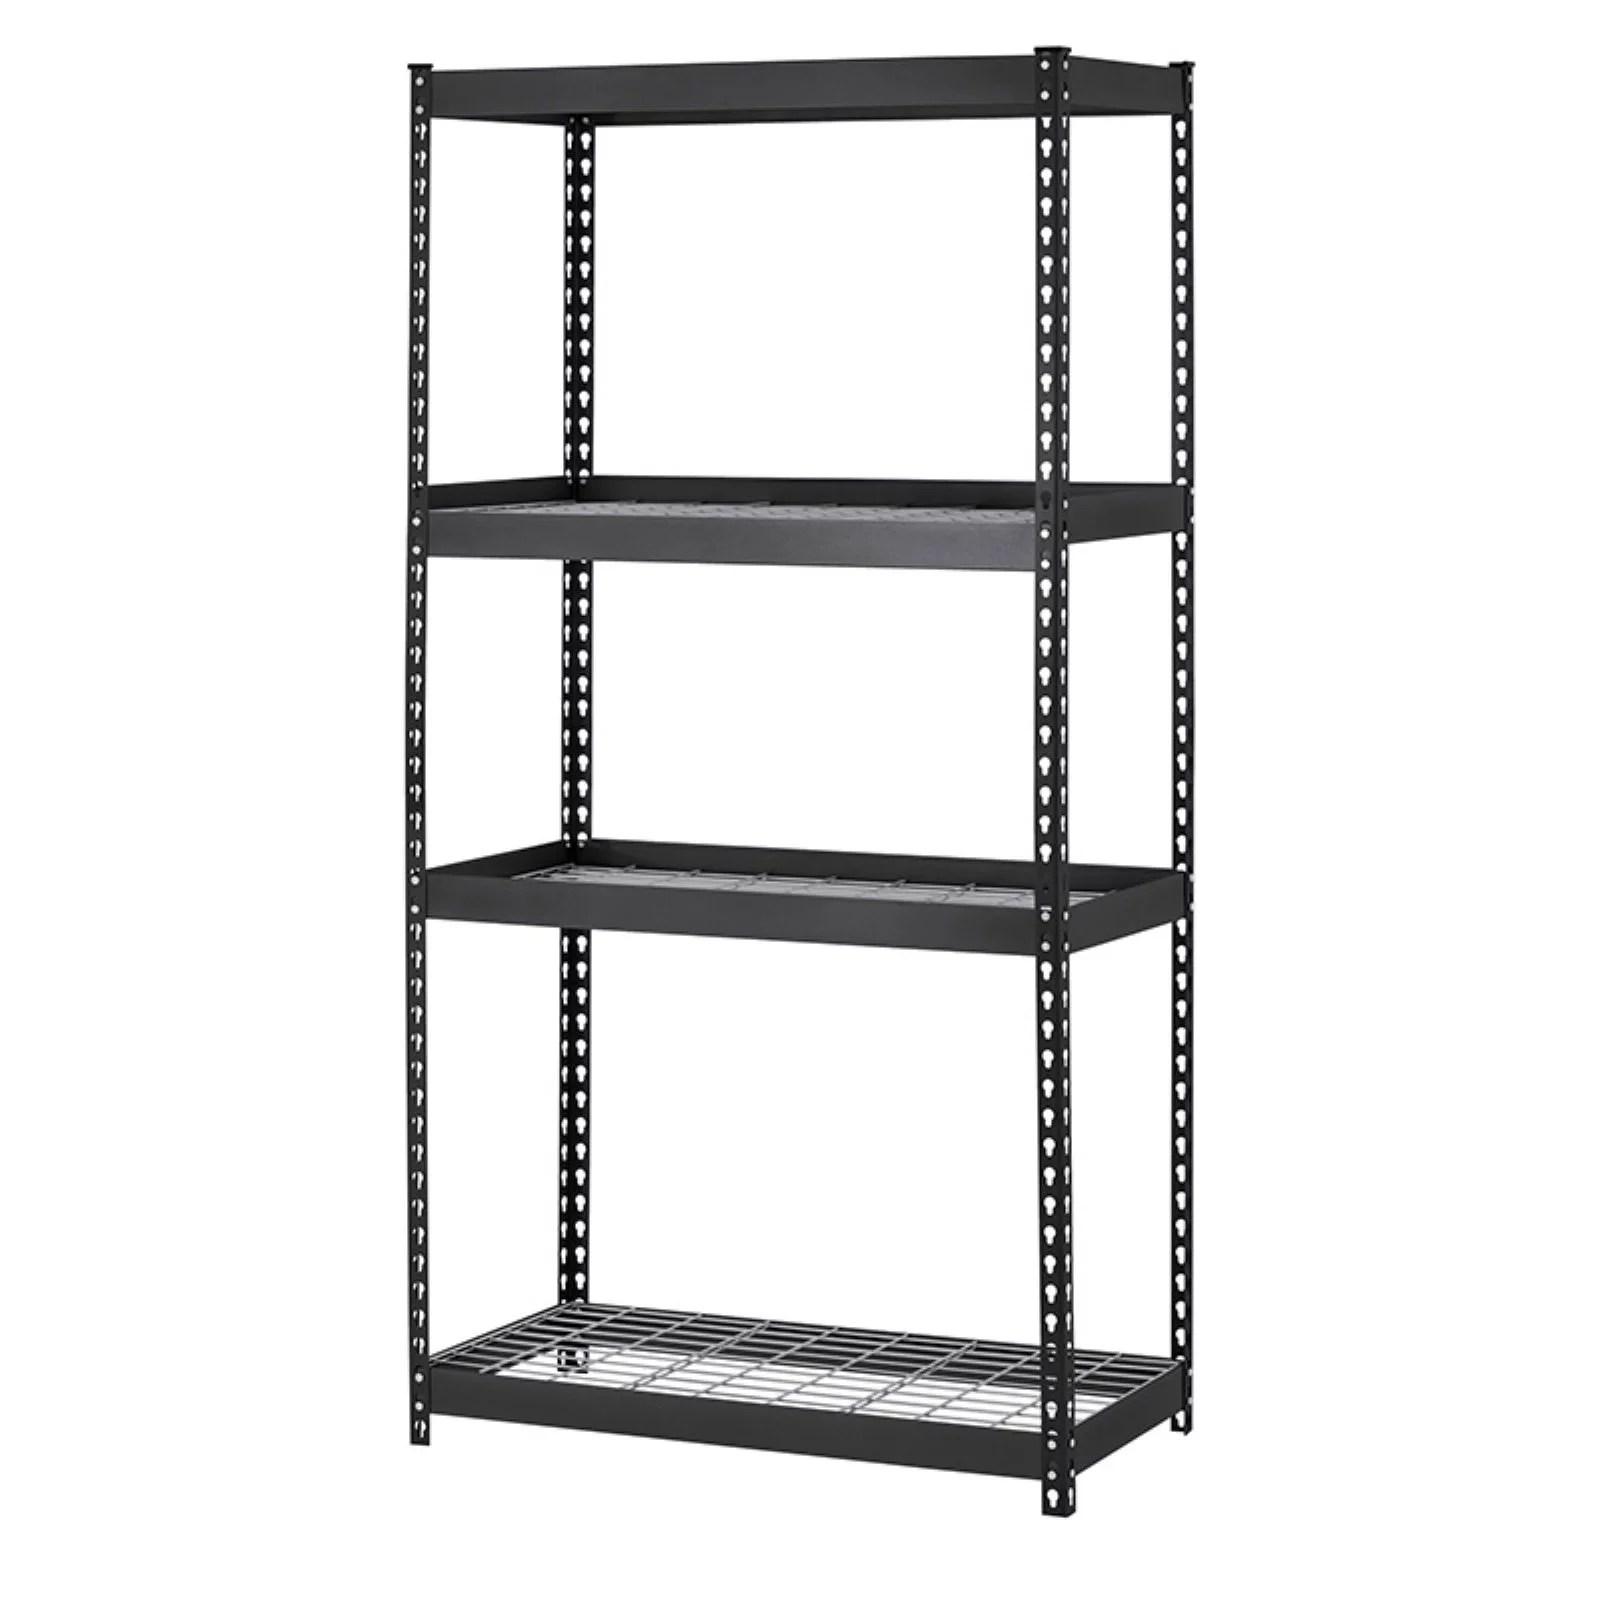 muscle rack 36 w x 18 d x 60 h 4 shelf heavy duty steel shelving unit 3200 lb capacity black